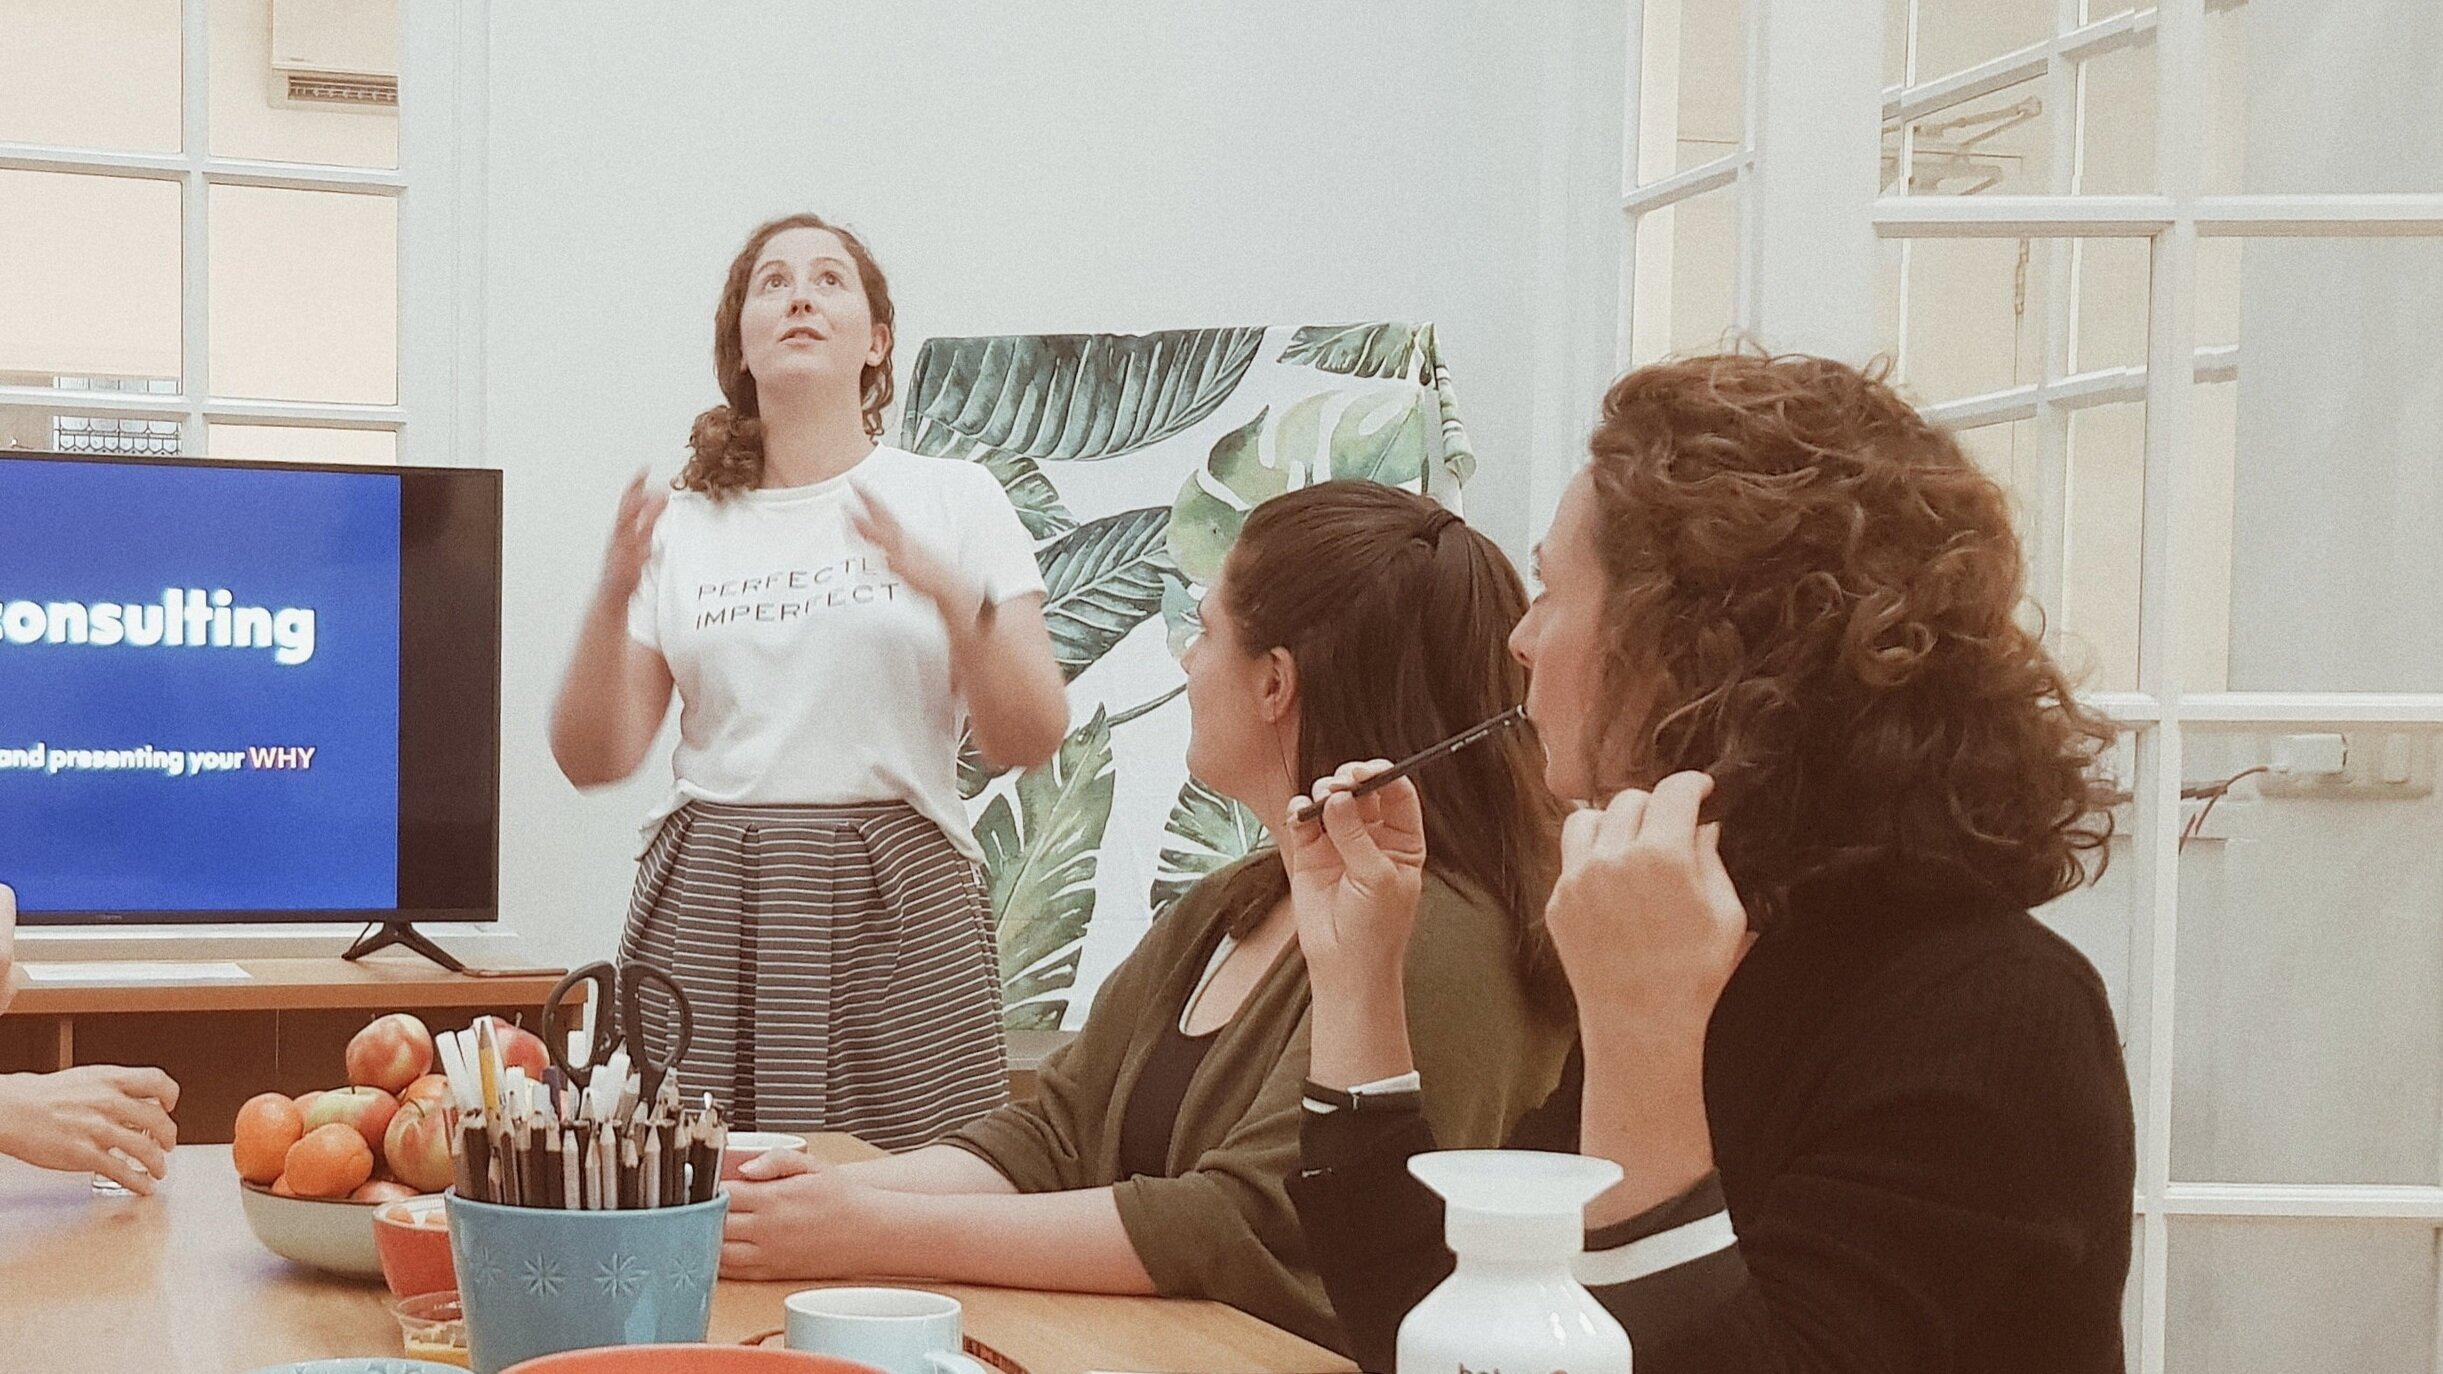 Emma+Smillie+FloLab+Workshop+Find+Your+Why+Golden+Circle